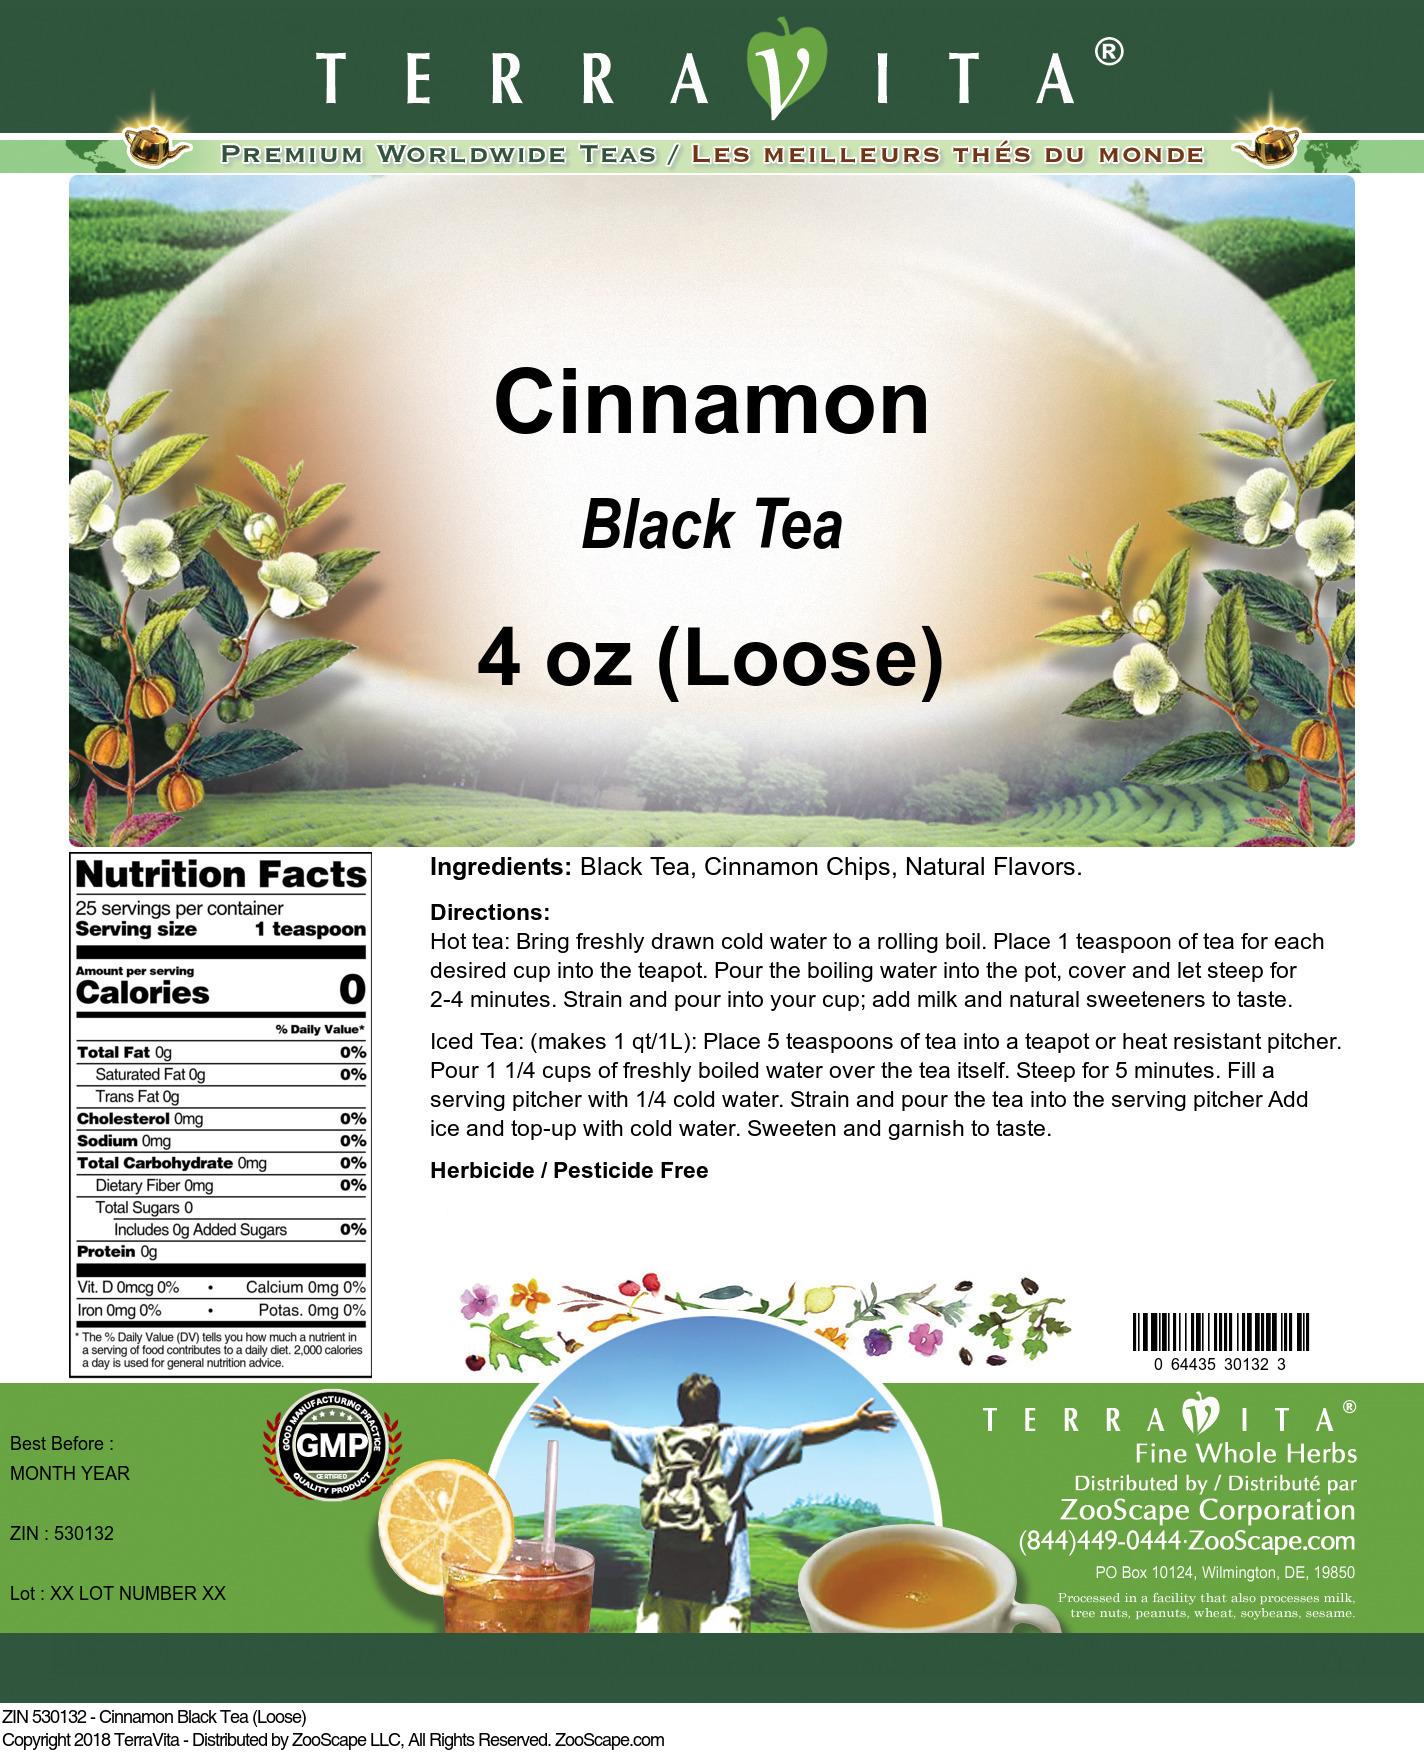 Cinnamon Black Tea (Loose)